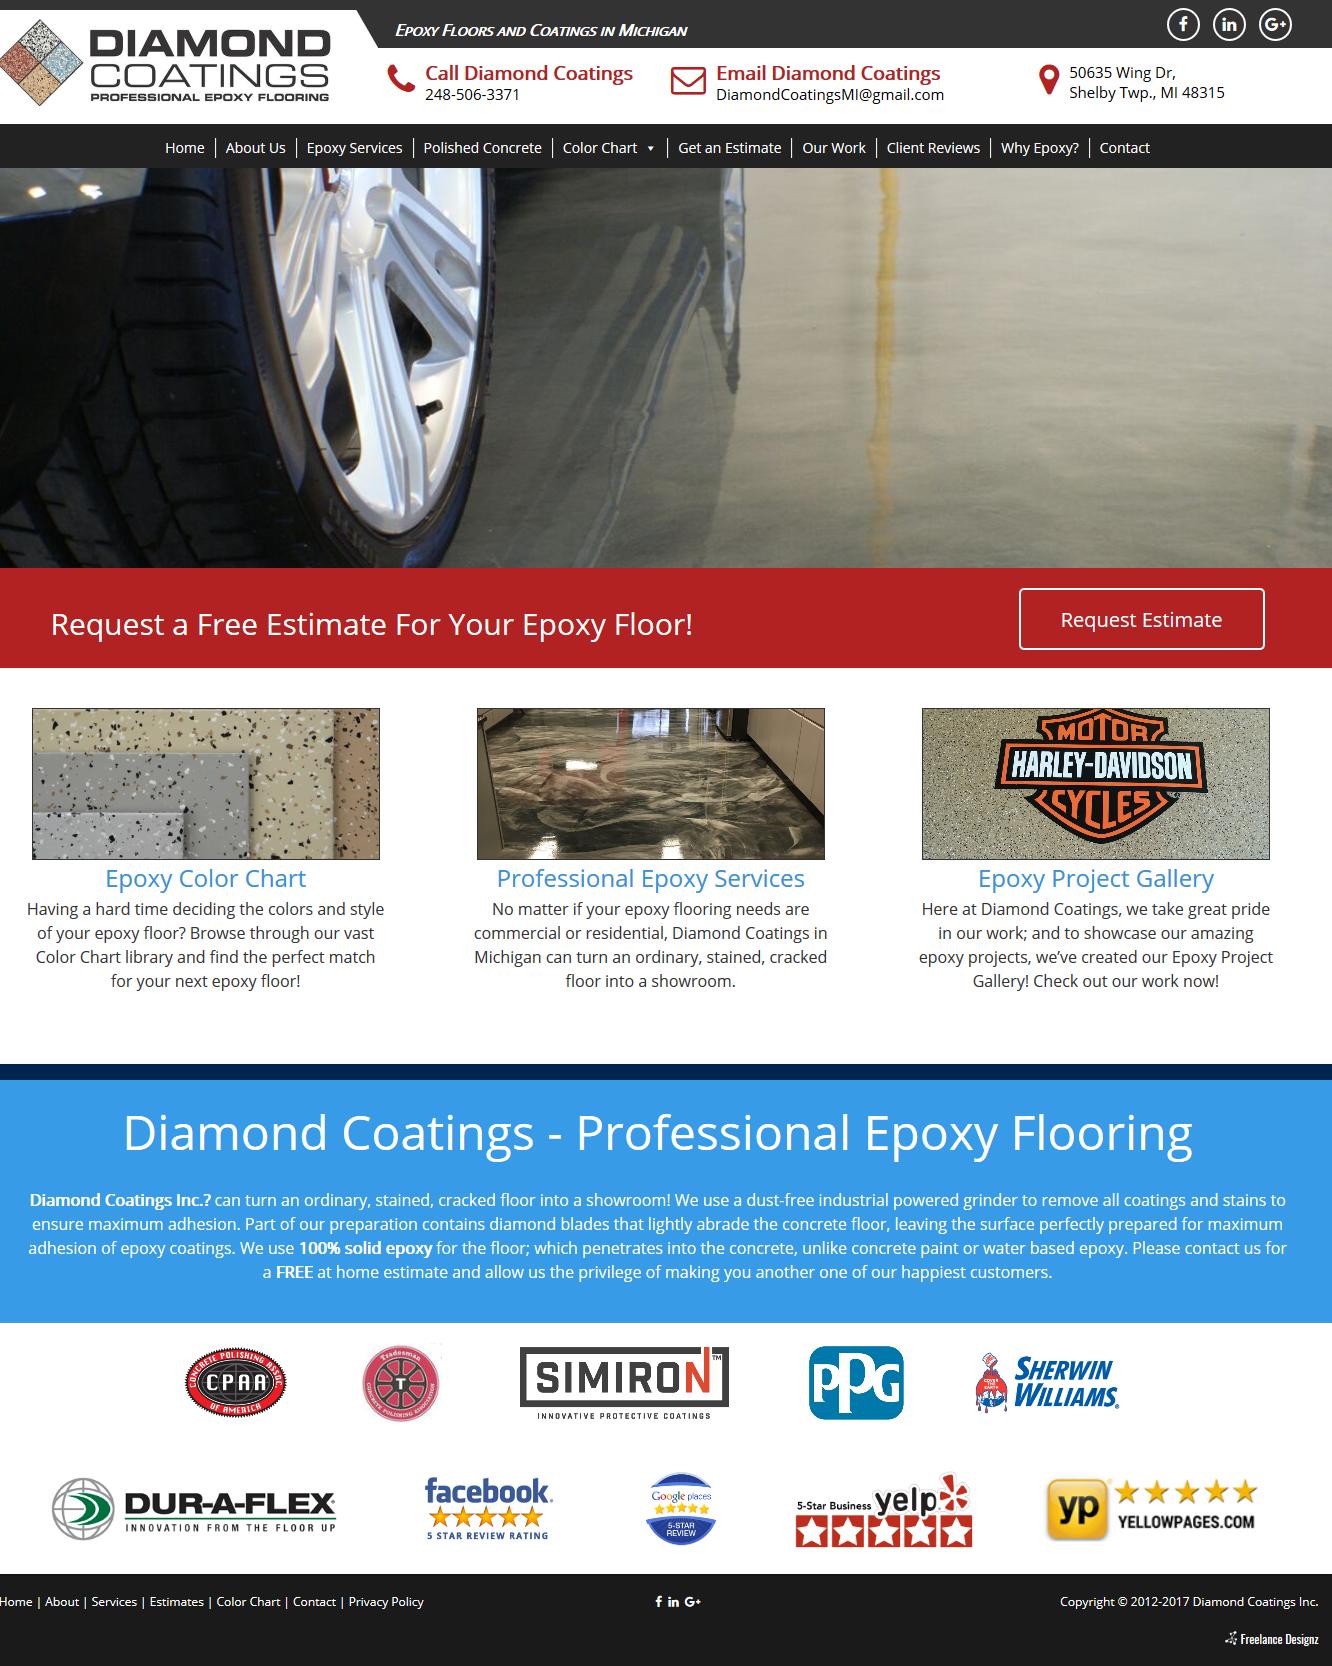 Diamond Coatings – Epoxy Floors and Coatings